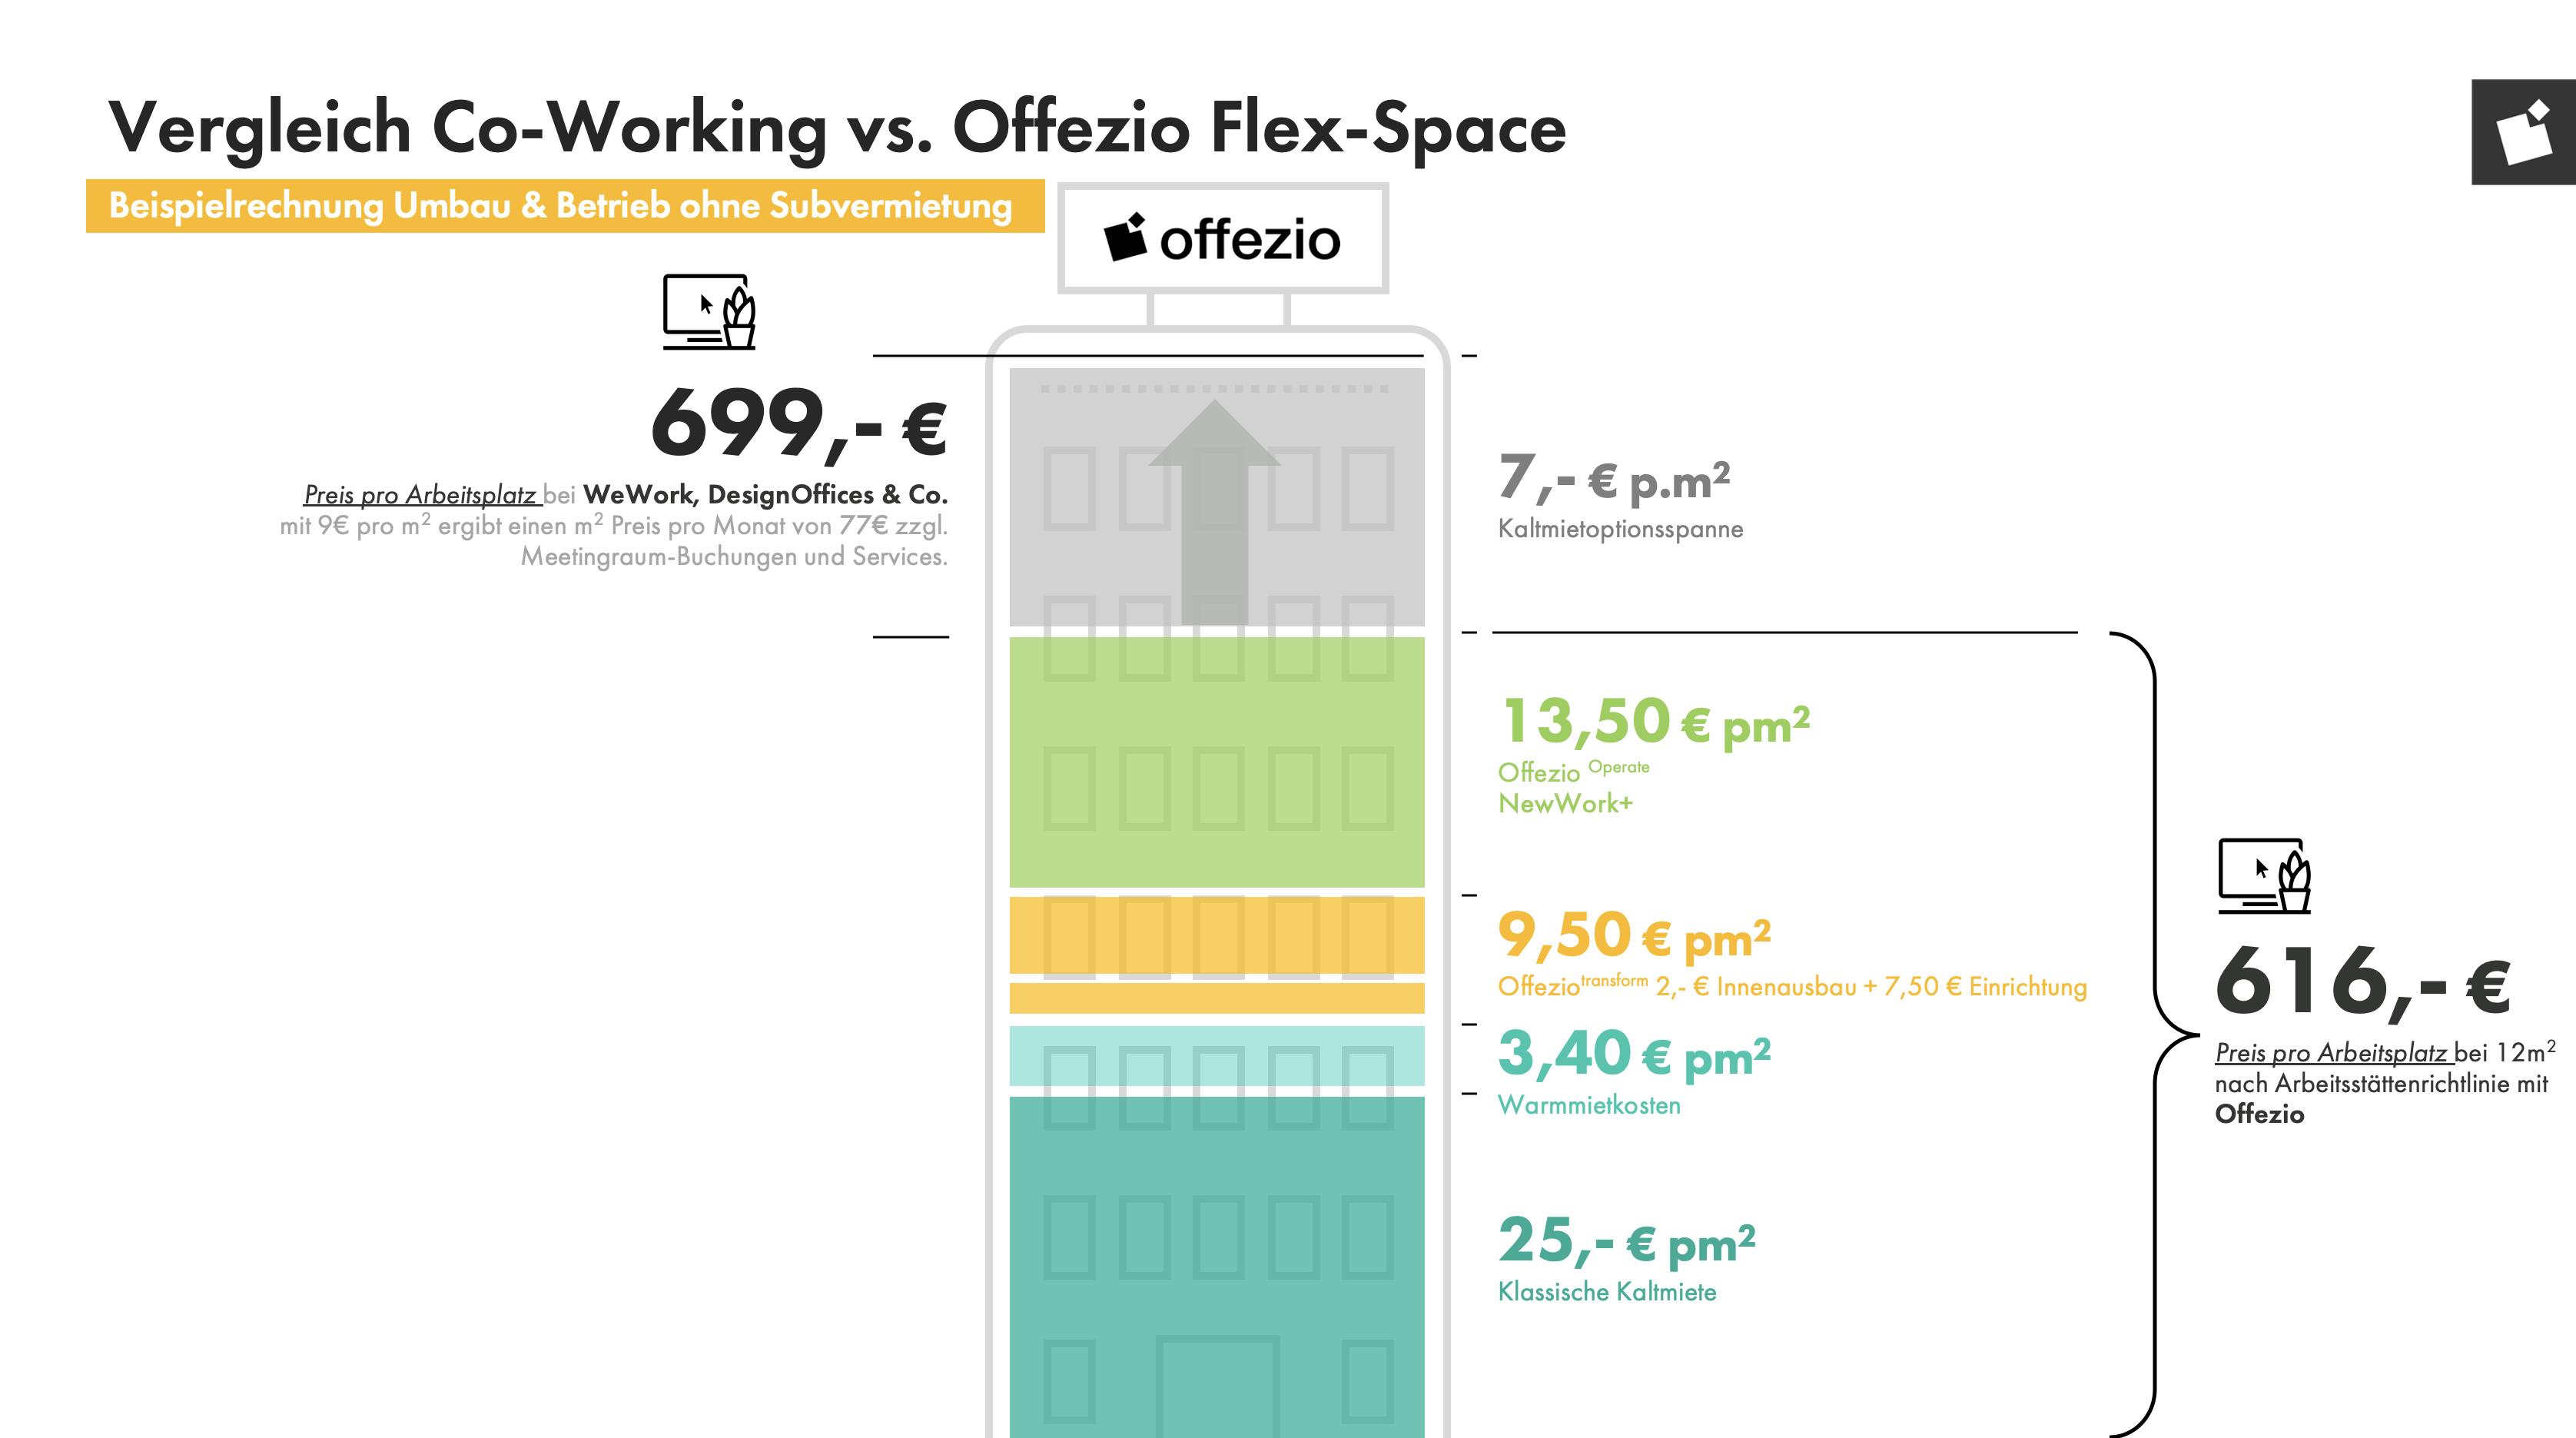 Beispielrechnung von Coworking vs. Flex Space